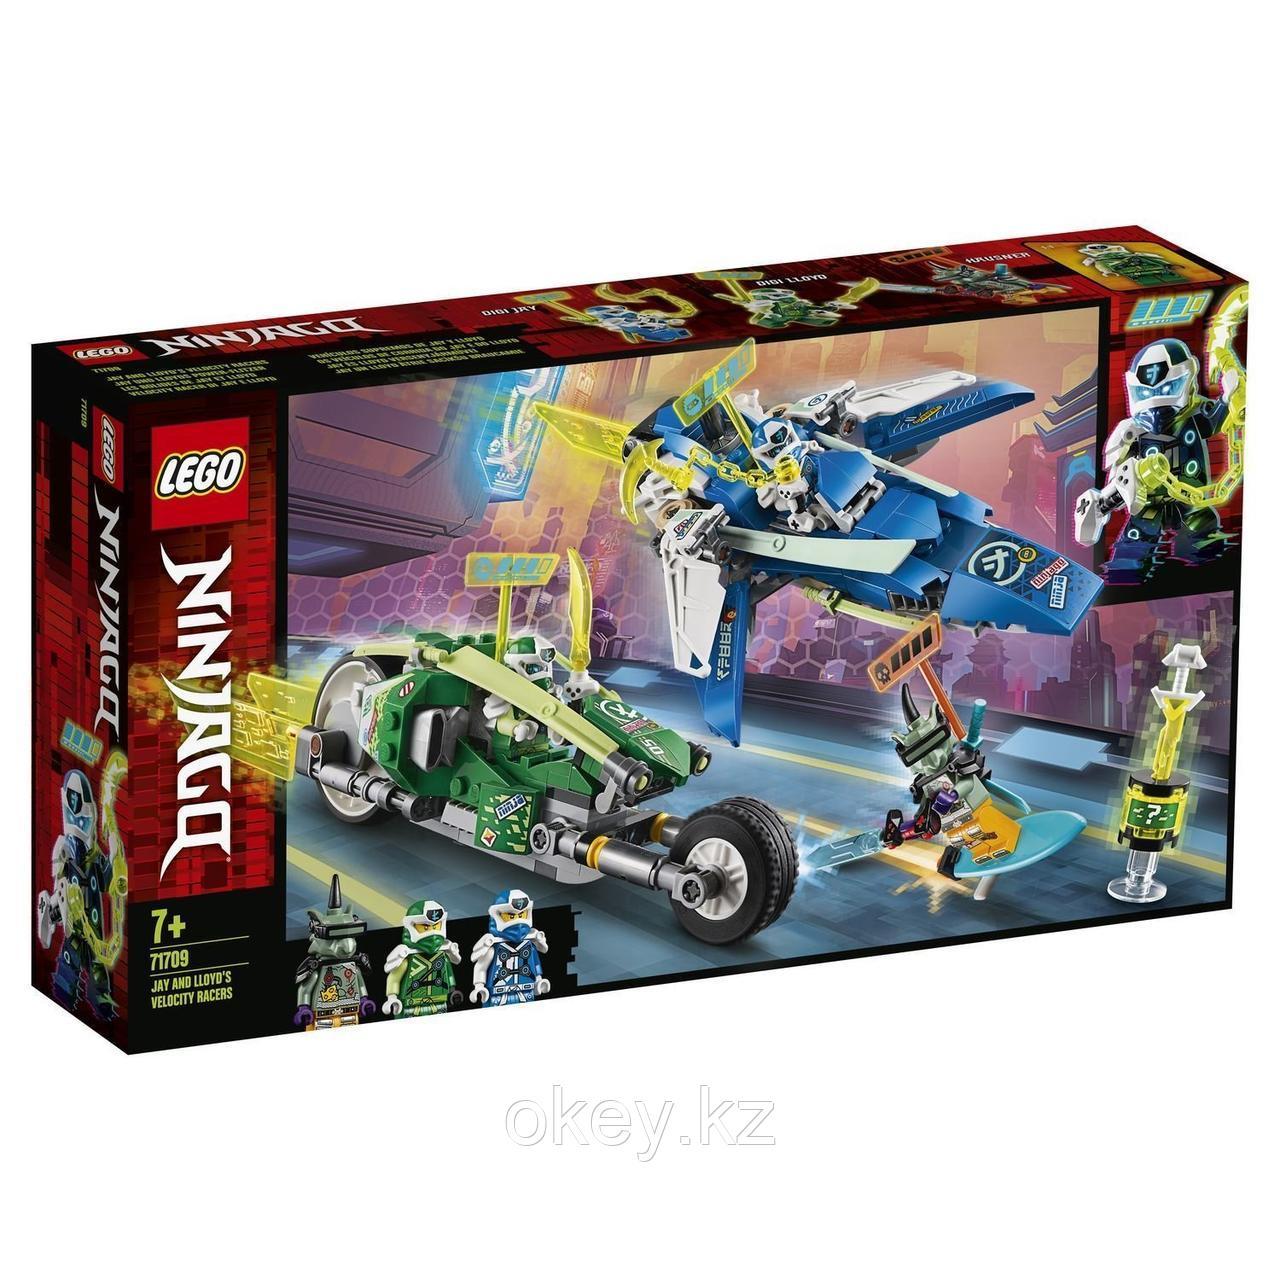 LEGO Ninjago: Скоростные машины Джея и Ллойда 71709